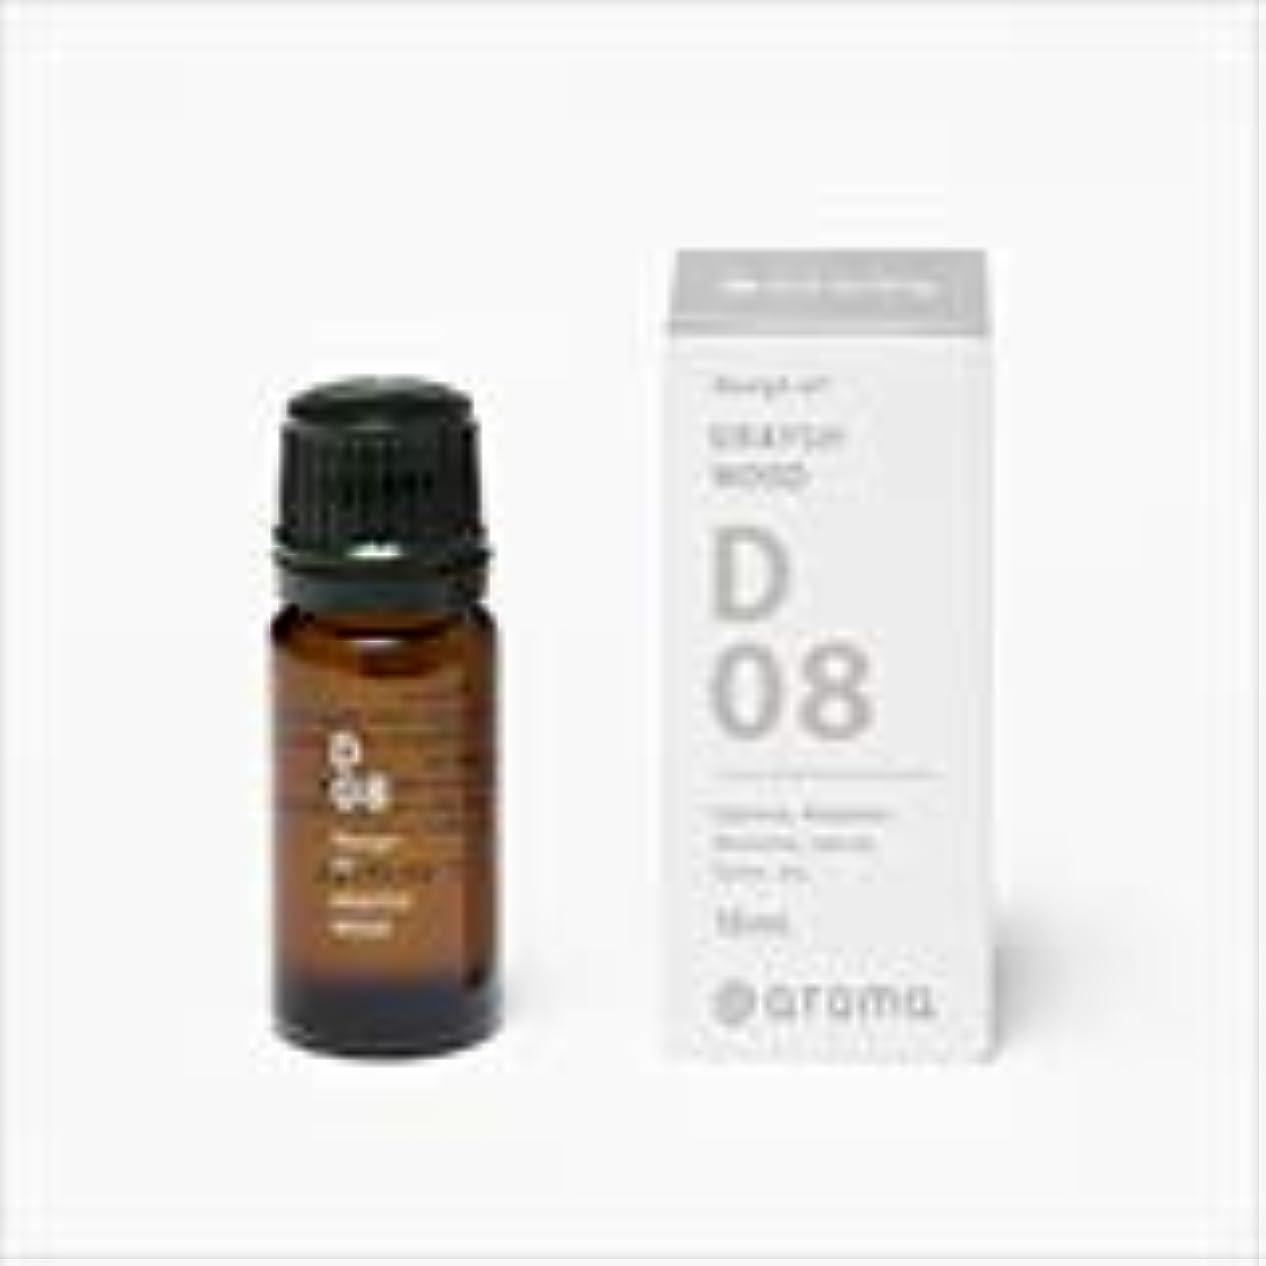 味活発歌詞アットアロマ 100%pure essential oil <Design air ルーセントパープル>